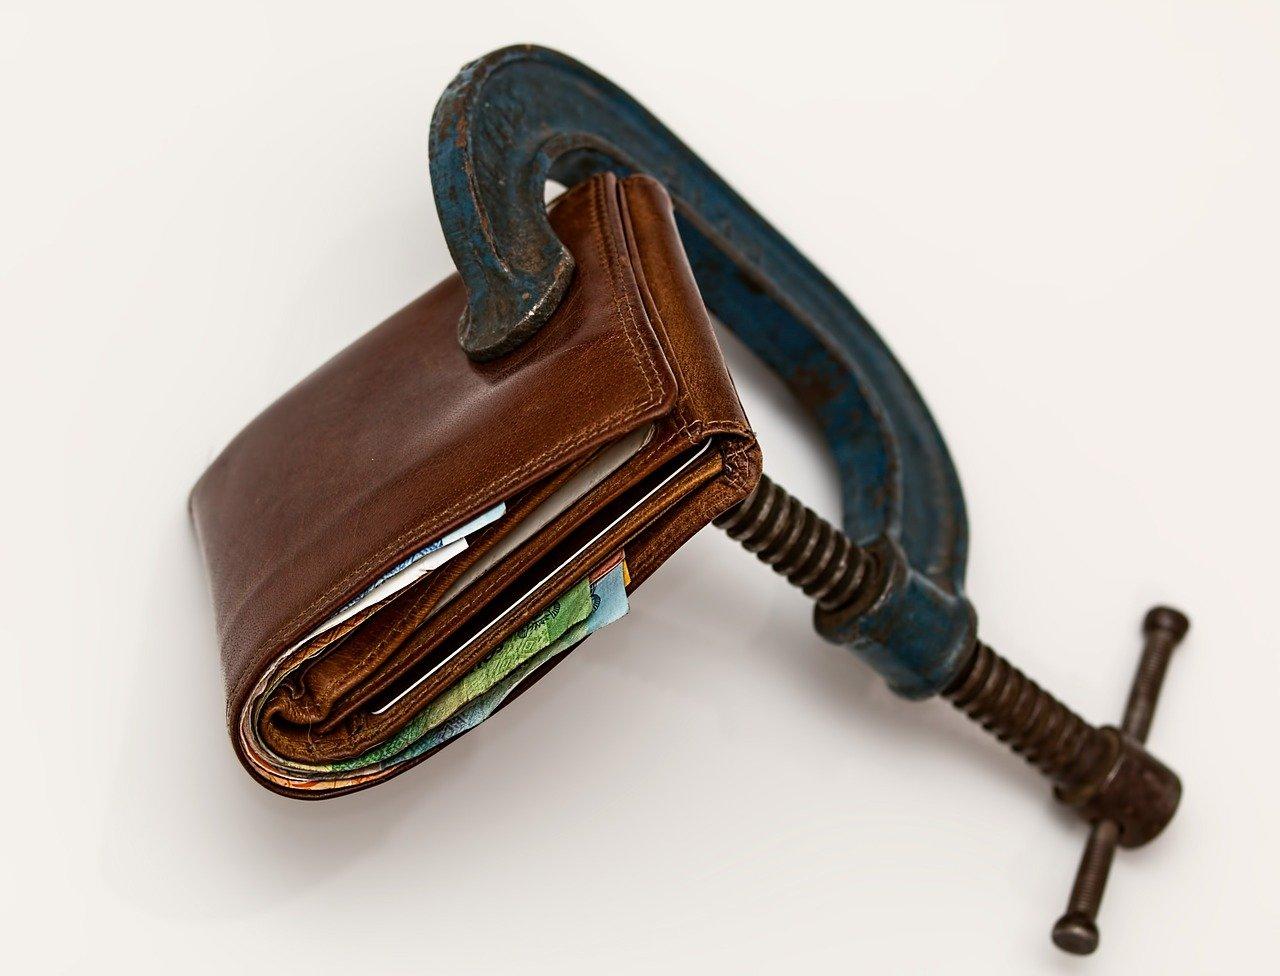 税金の支払いは3年目からが本番!そう言われる理由について解説します。